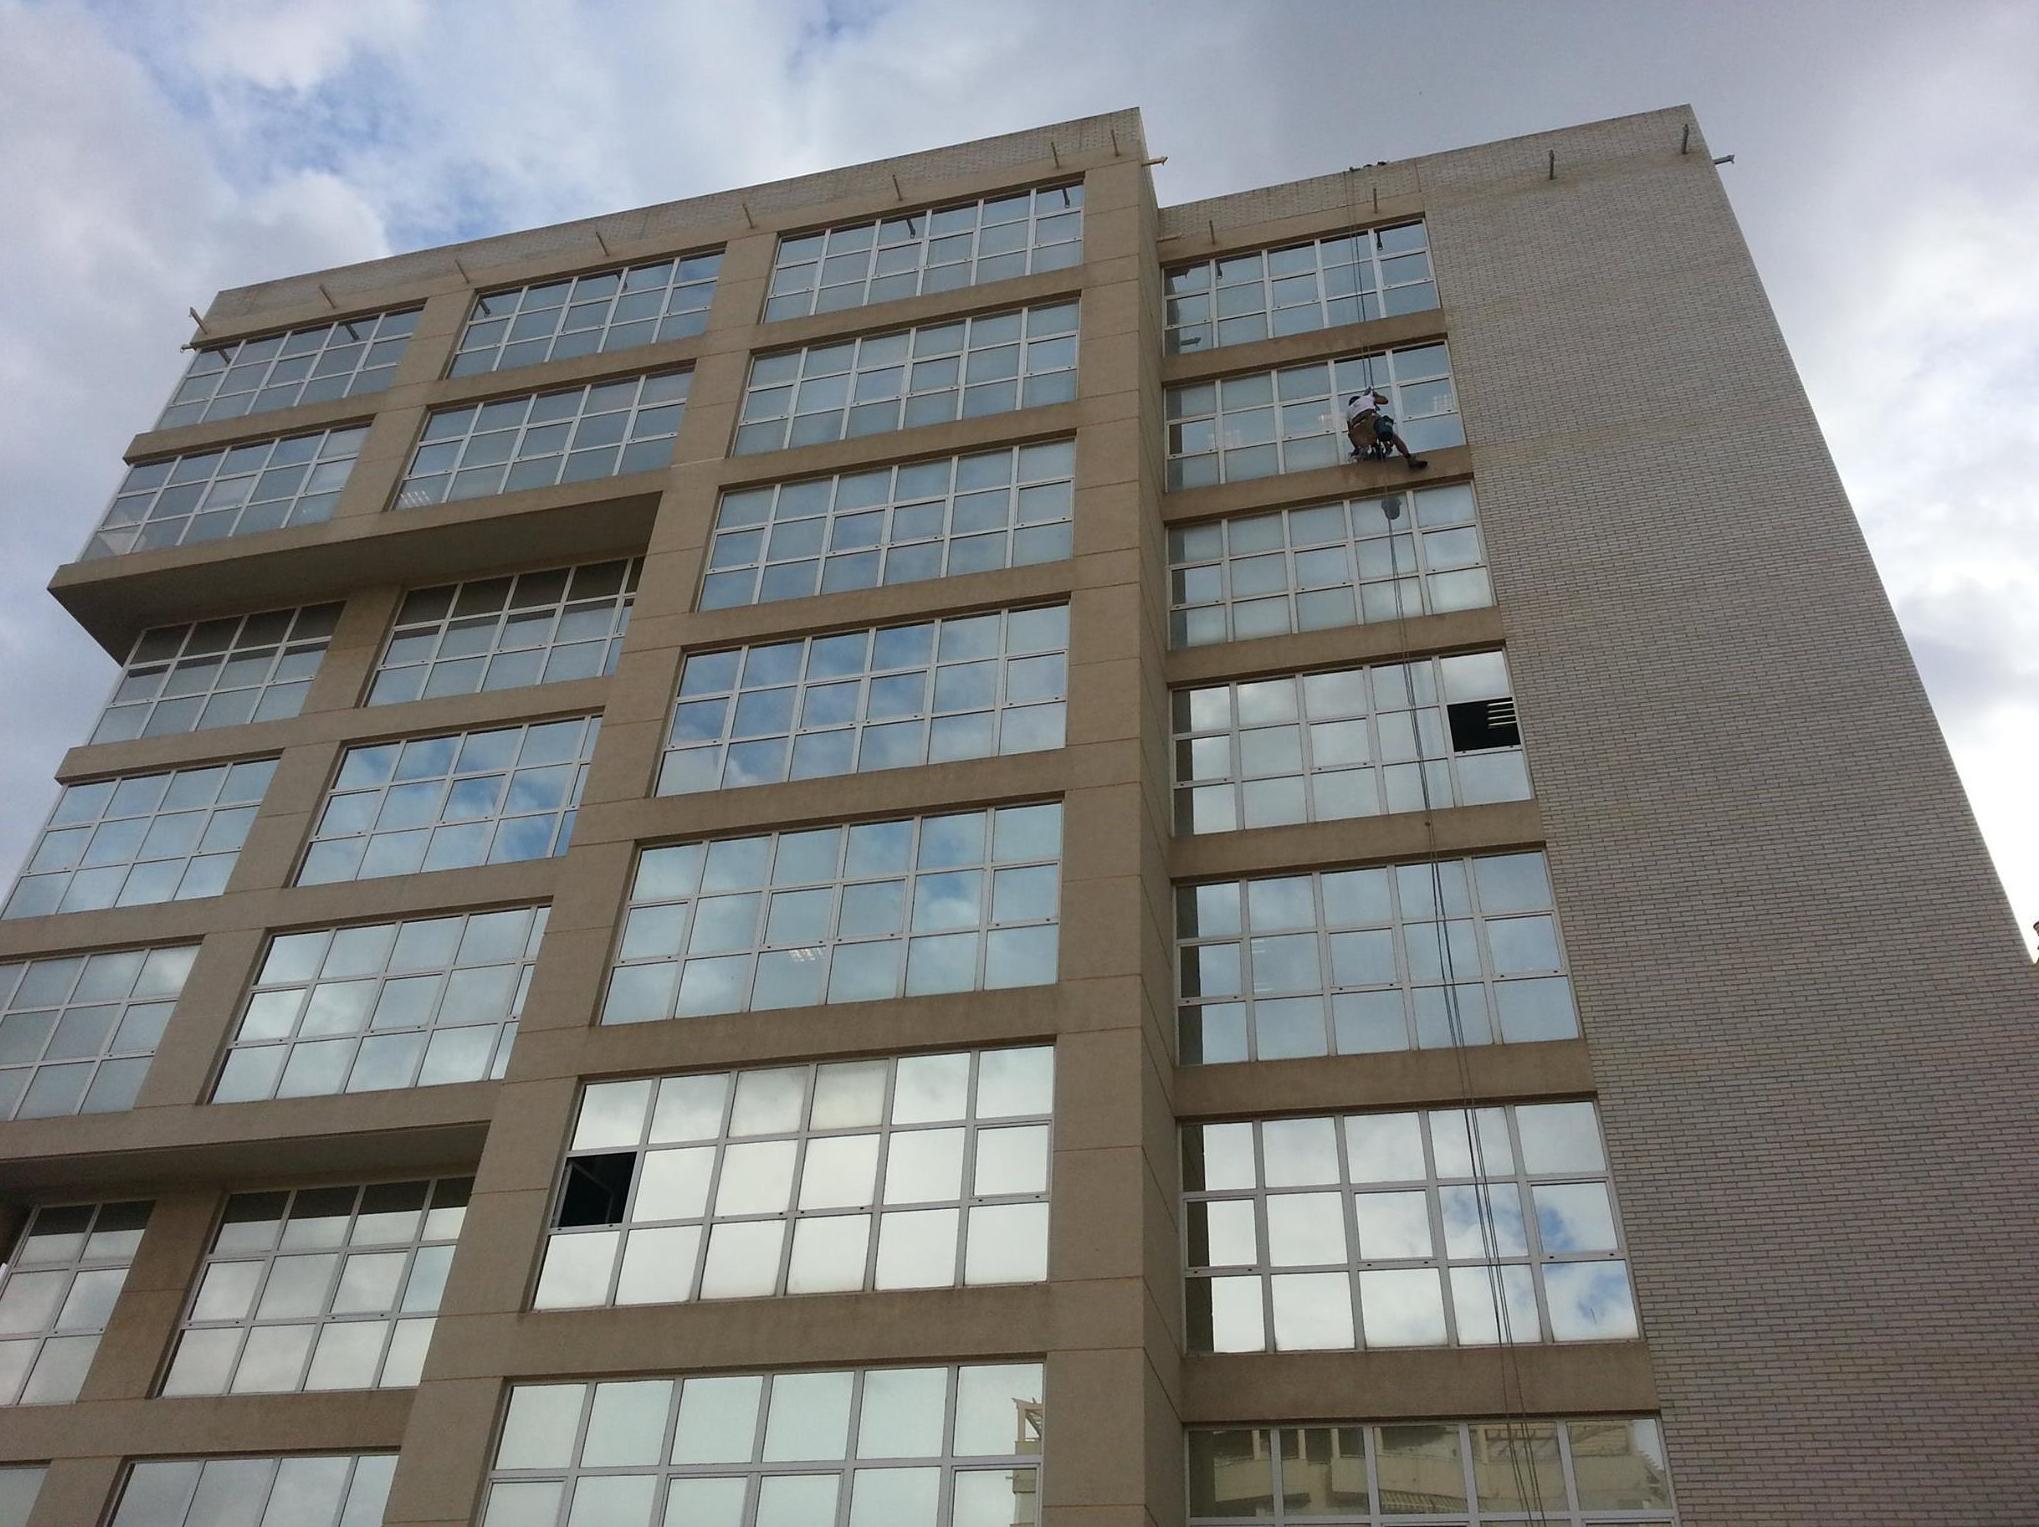 Limpieza de cristales en fachadas